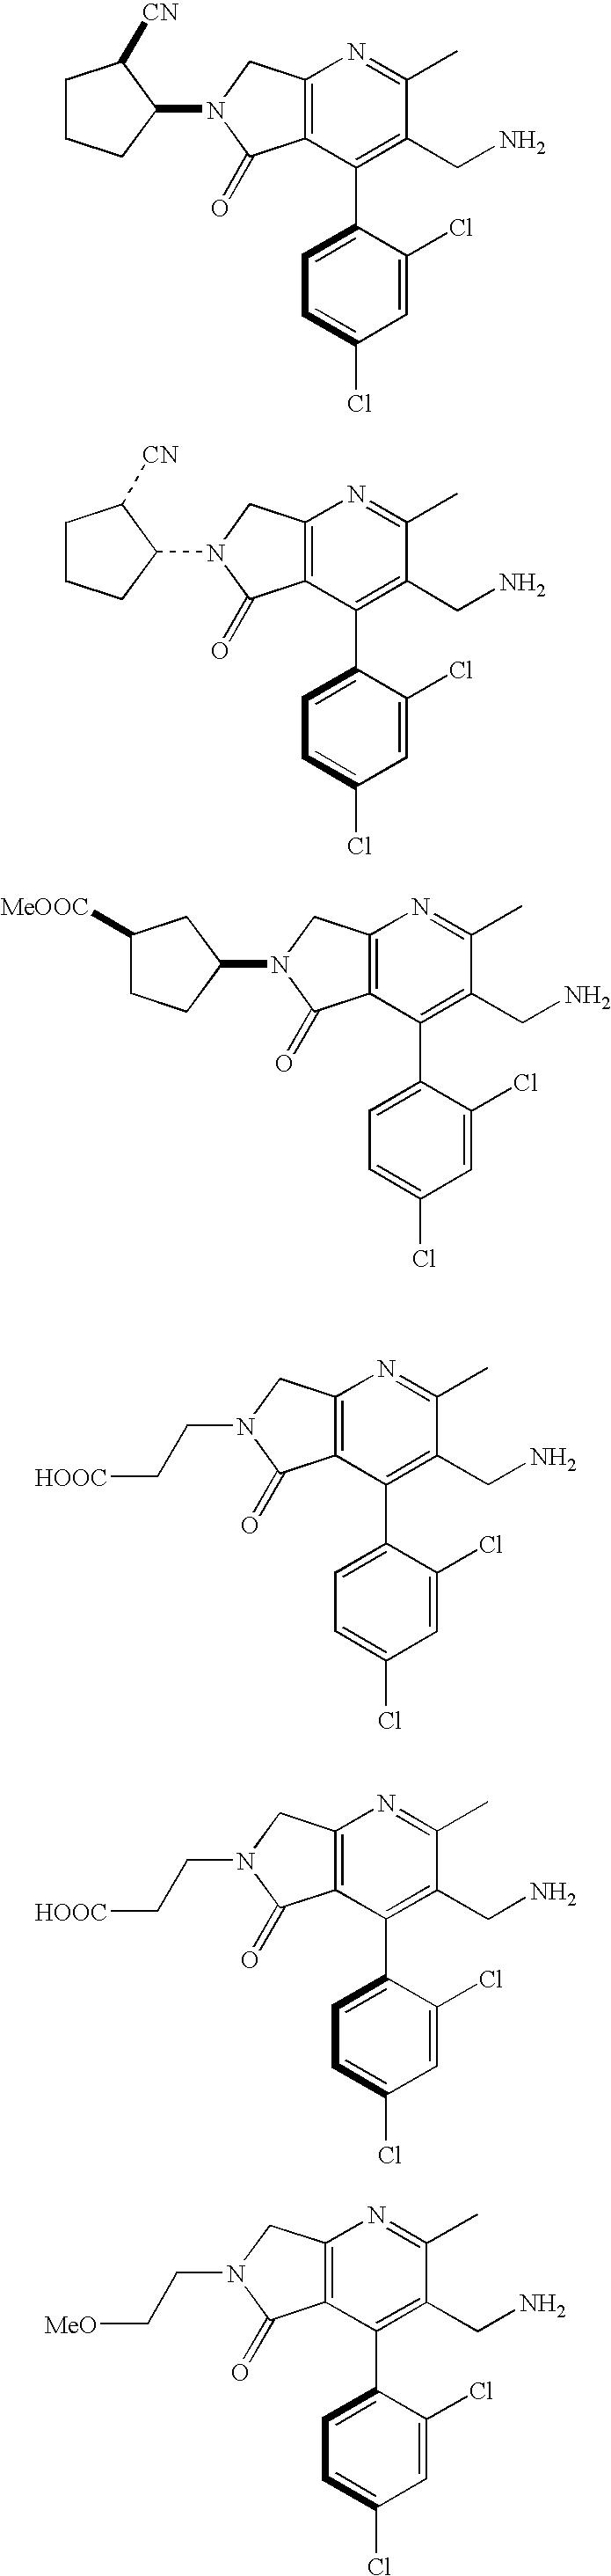 Figure US07521557-20090421-C00010